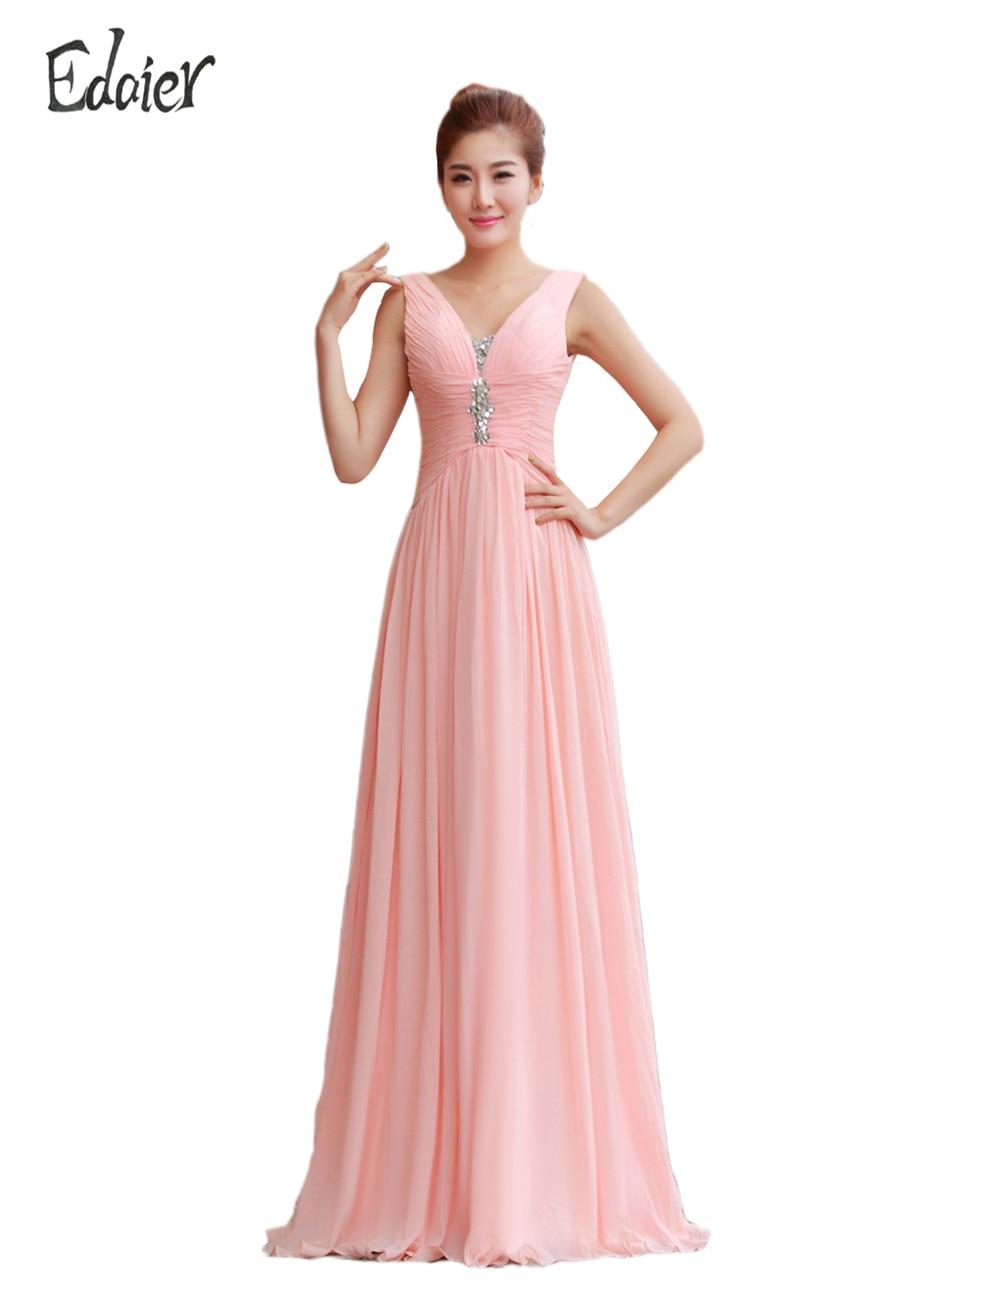 Encantador Vestidos De Dama De Rosa Fotos - Colección de Vestidos de ...